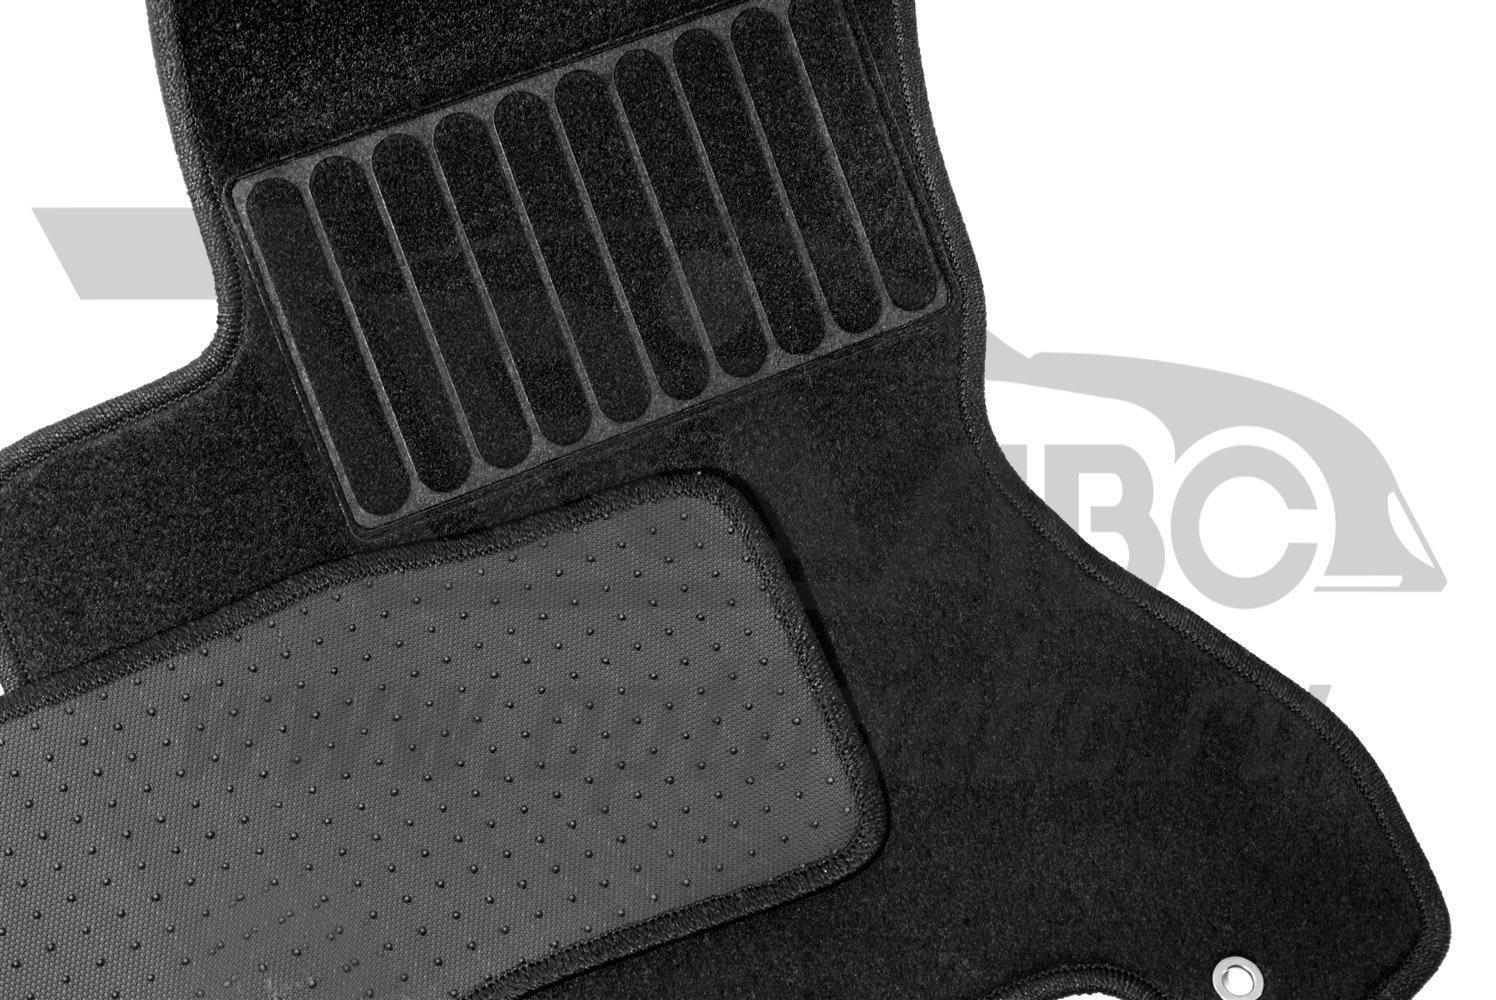 Коврики в салон автомобиля Avtodriver резиновые с бортиком для Chevrolet Cobalt (2012-) / Ravon R4 (2016-), Adrplr008, черный коврики в салон автомобиля avtodriver для great wall hover h5 2010 adravg019 резиновые с бортиком черный